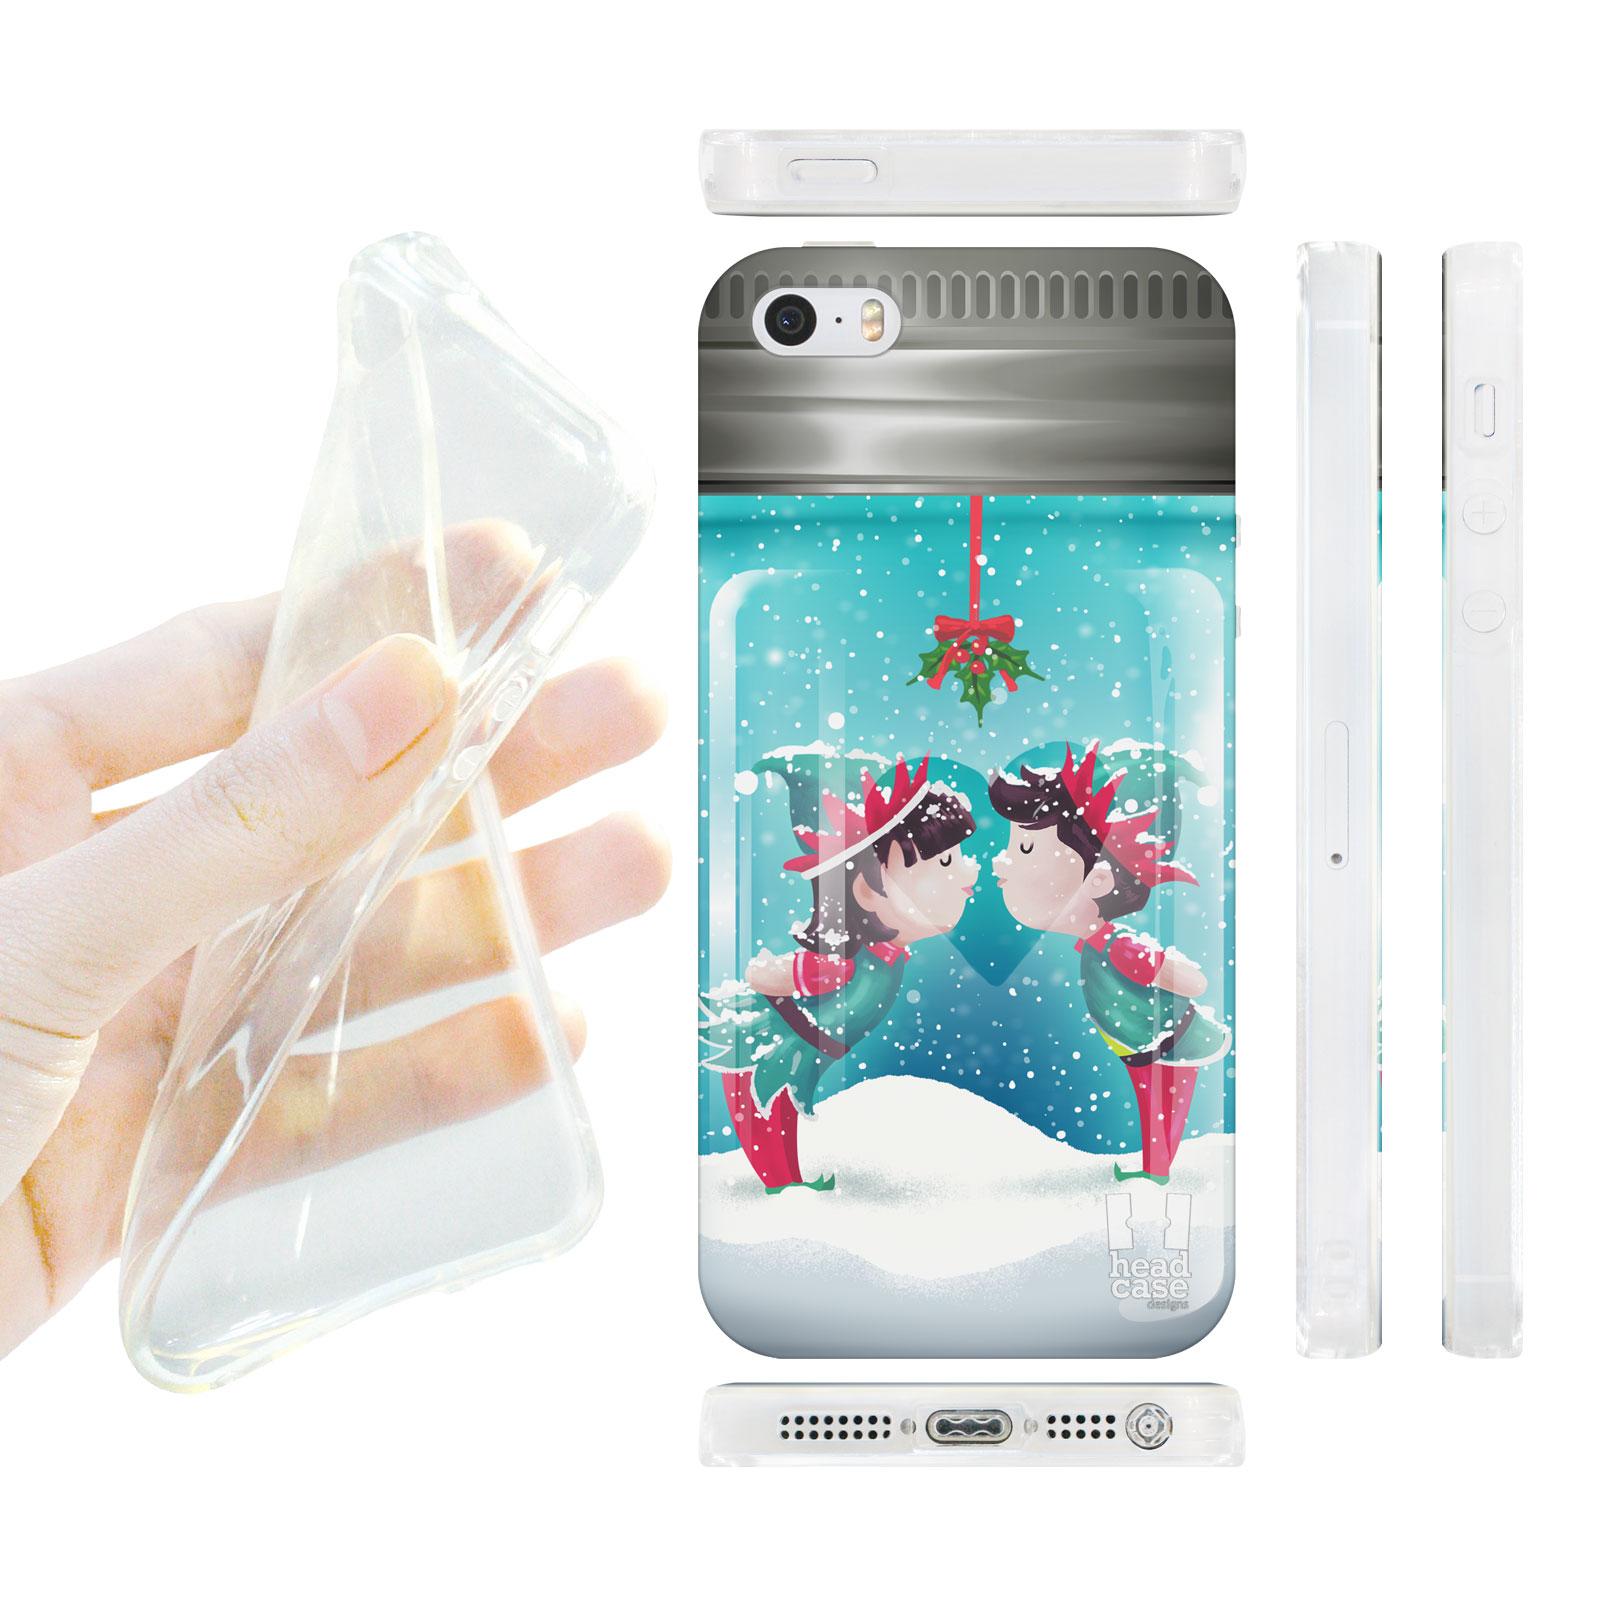 HEAD CASE silikonový obal na mobil Iphone 5/5S skleněná koule polibek pod jmelím modrá